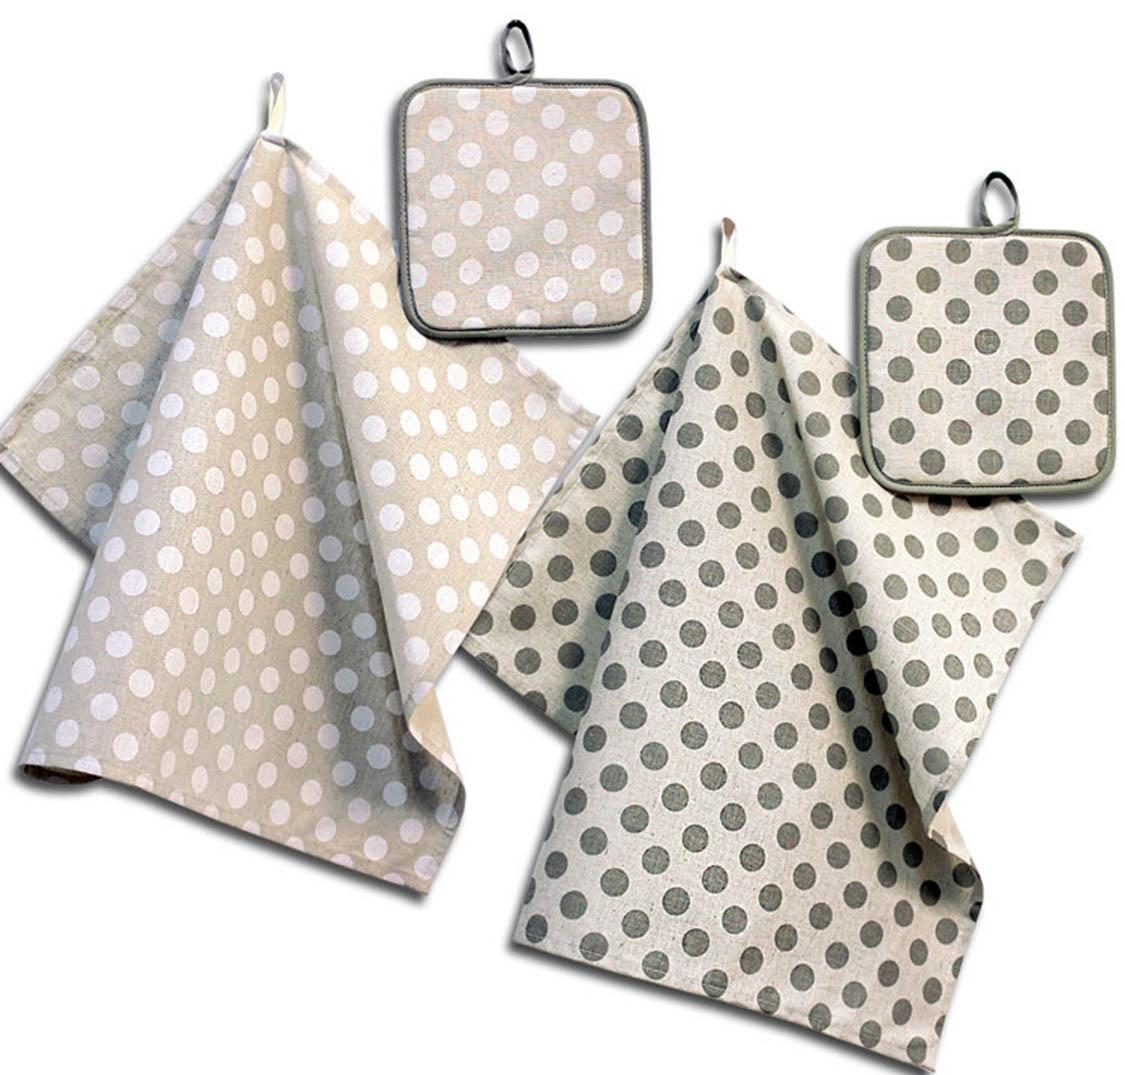 Кухонный набор Гранд-Стиль Гранд-Стиль Кухонный набор из 2 полотенец Горошек Цвет: Серый gst190857